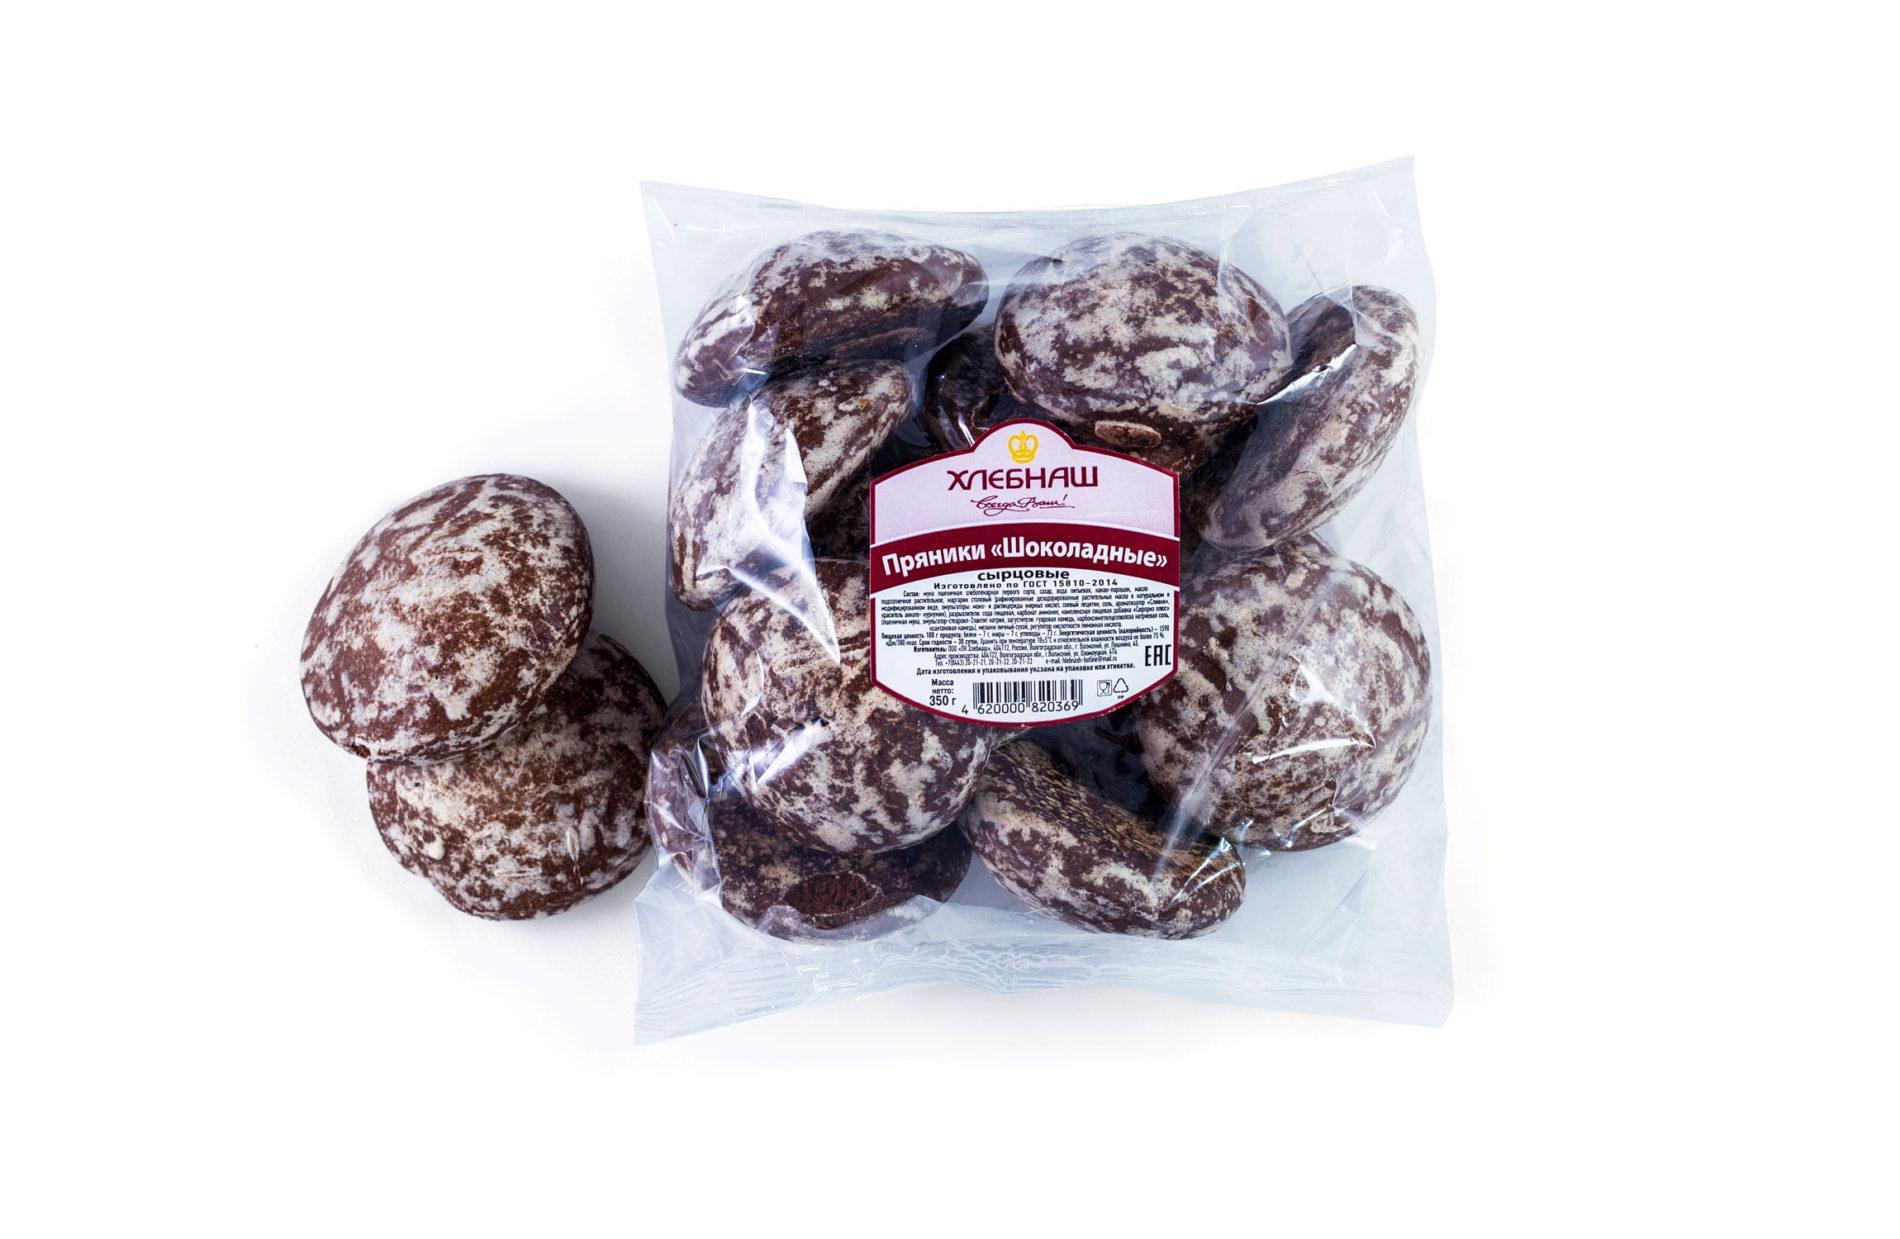 Пряники «Шоколадные»